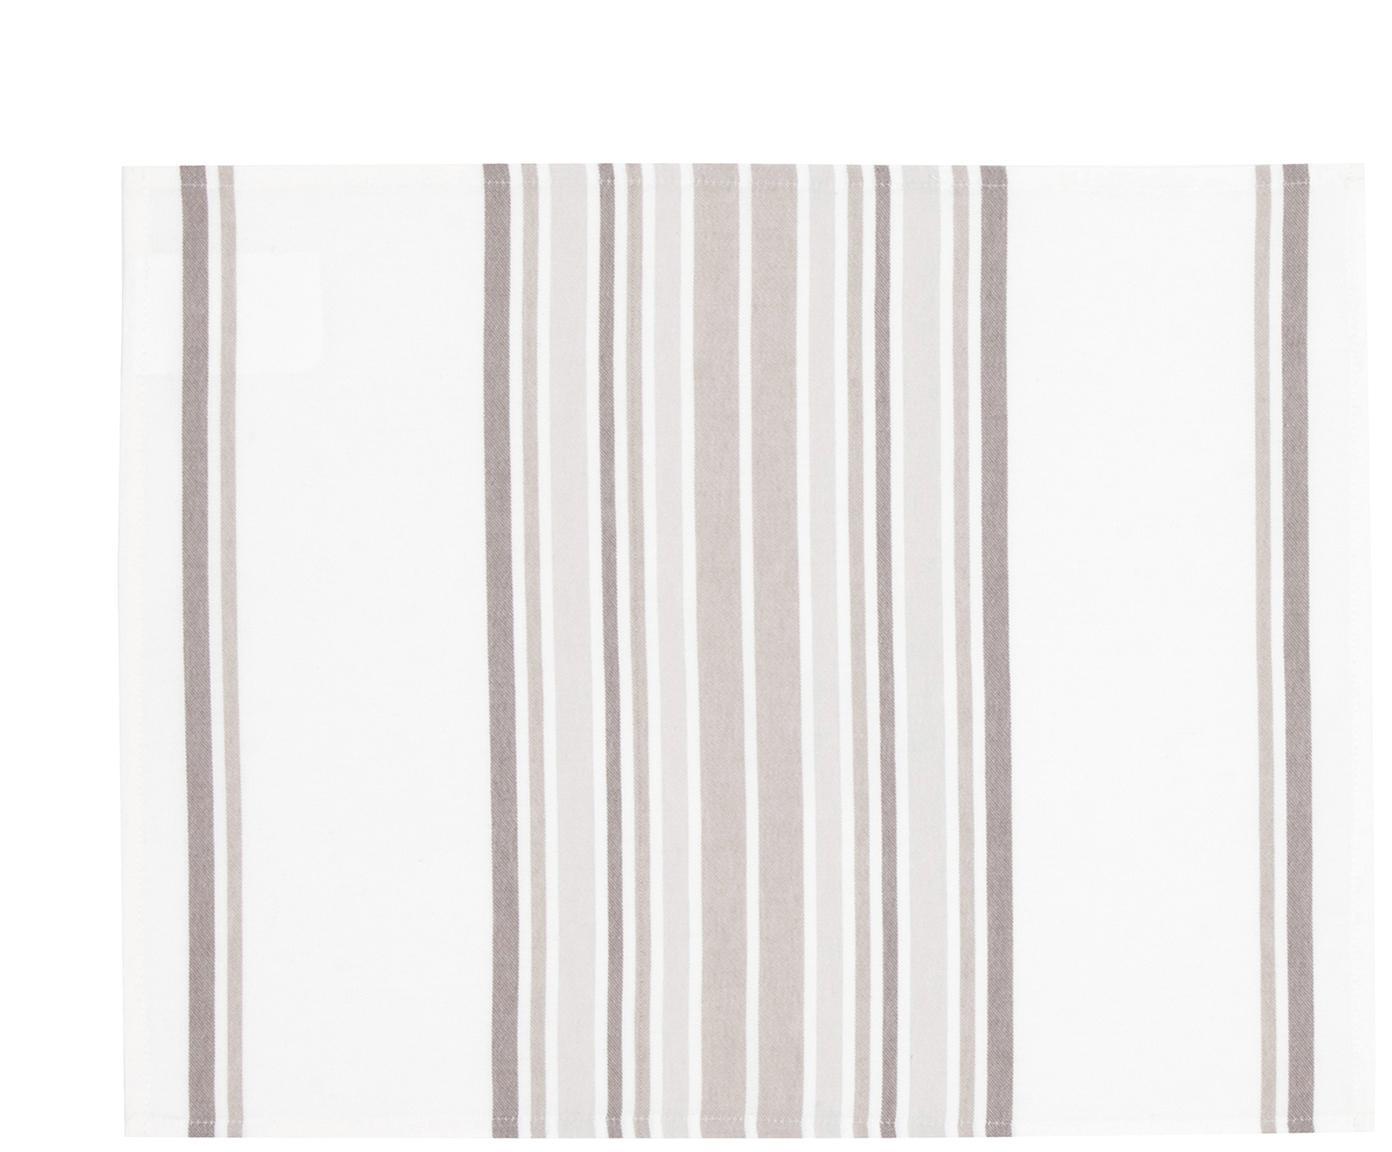 Tischsets Katie, 2 Stück, Baumwolle, Weiß, Beige, 40 x 50 cm